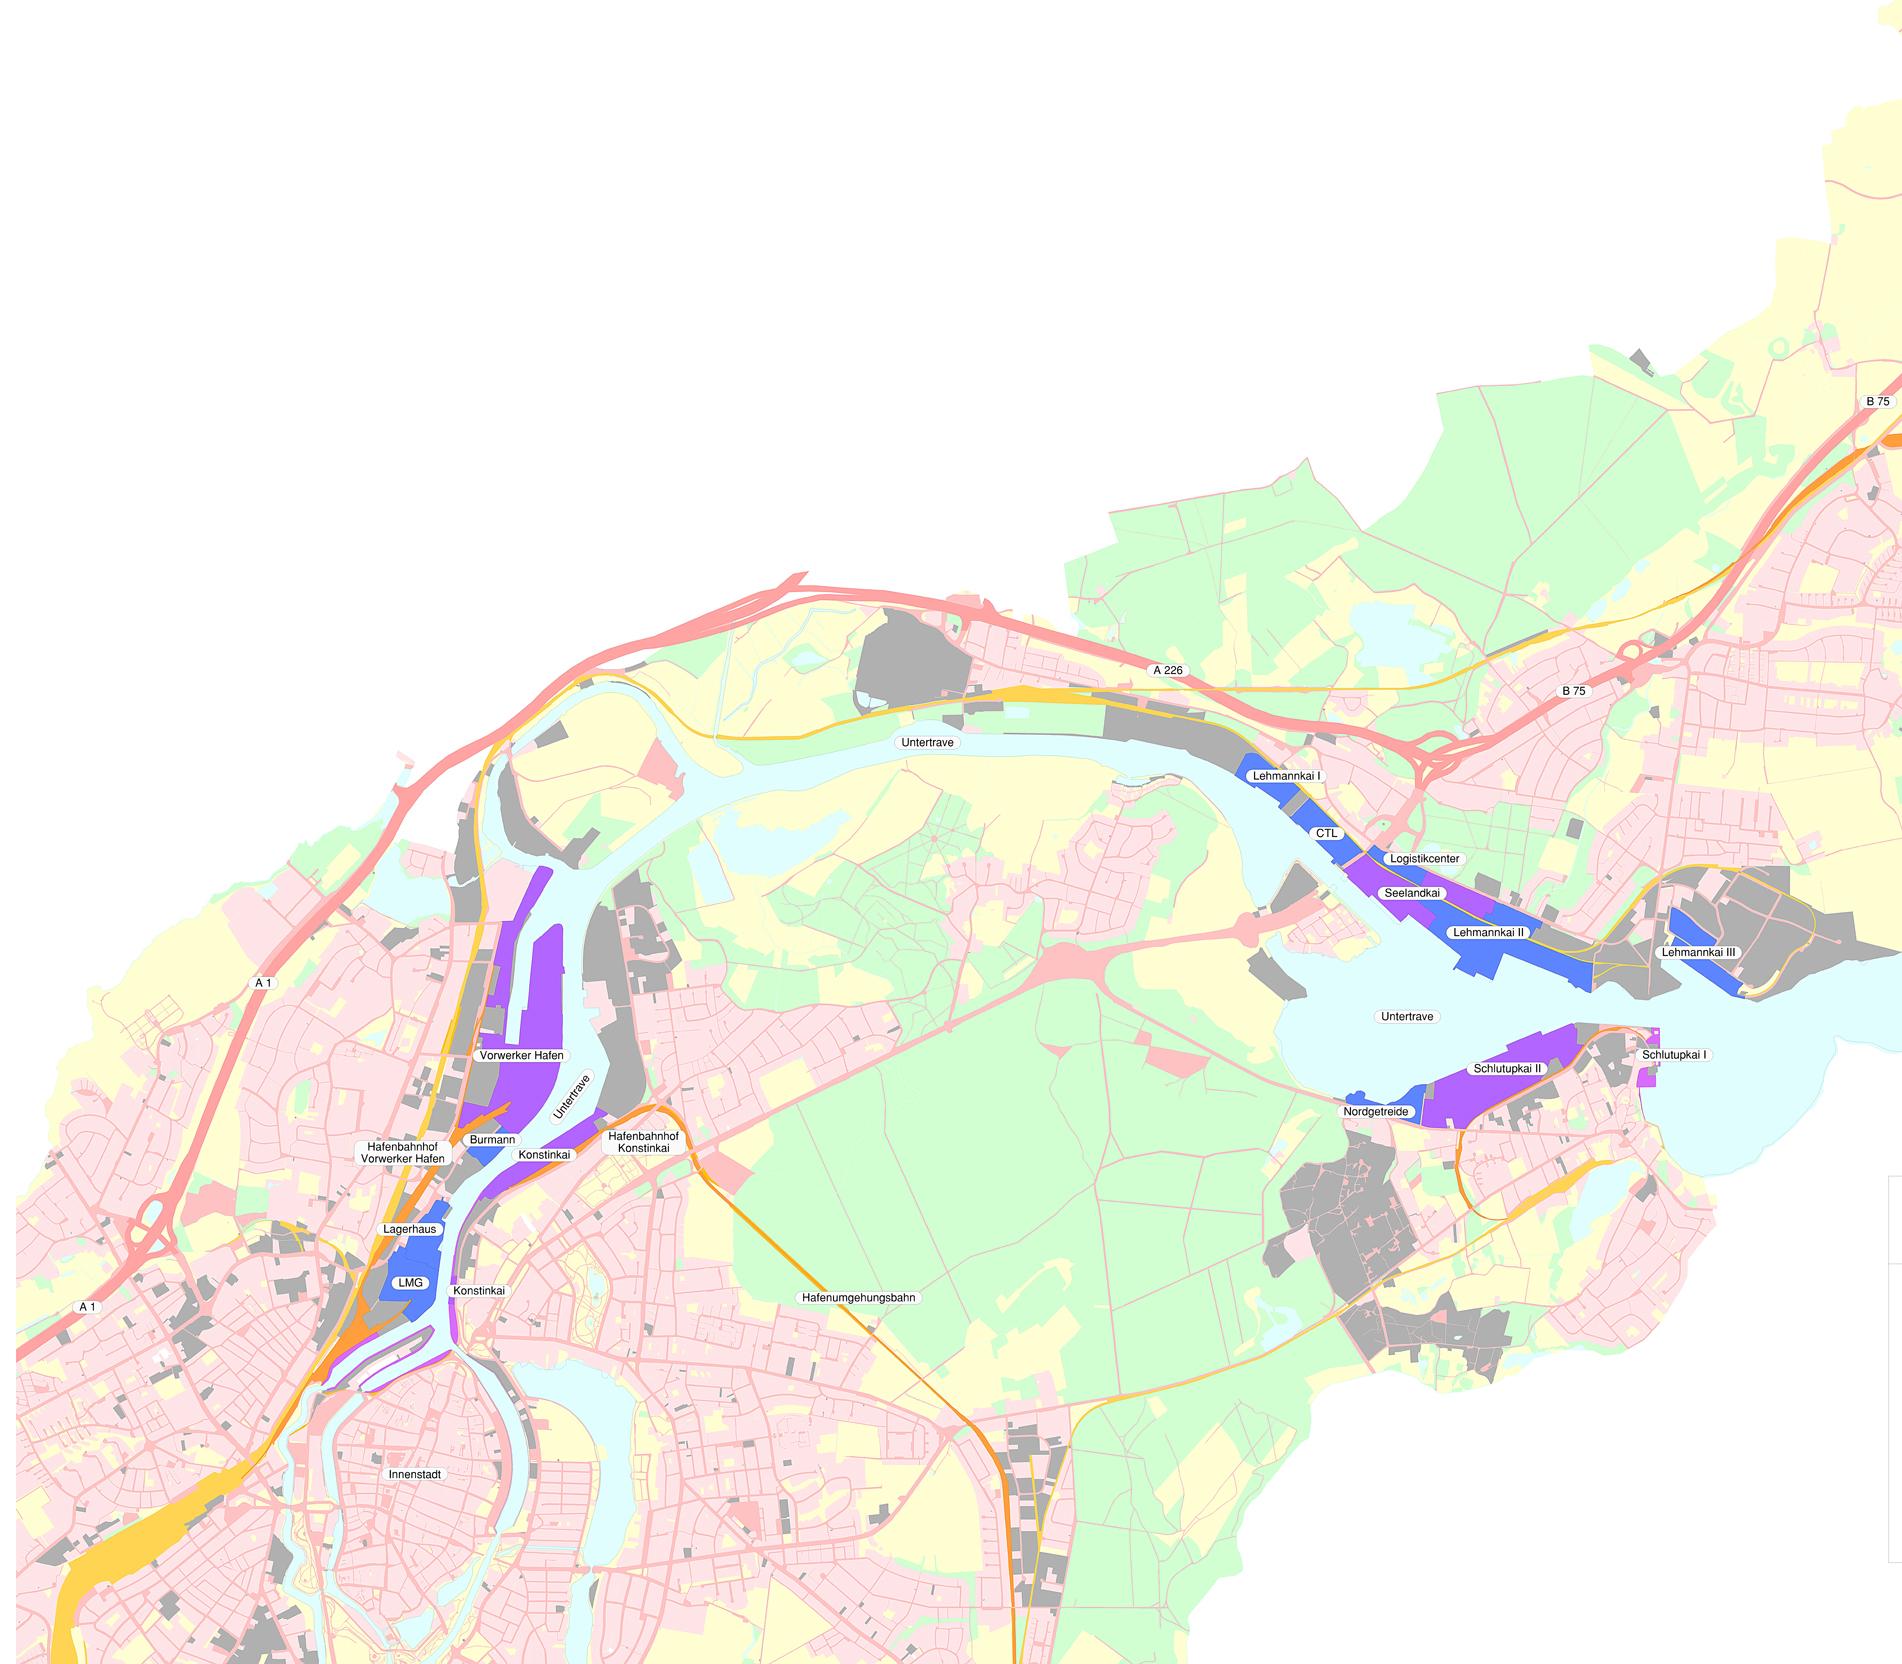 125x125 www.luebeck.de